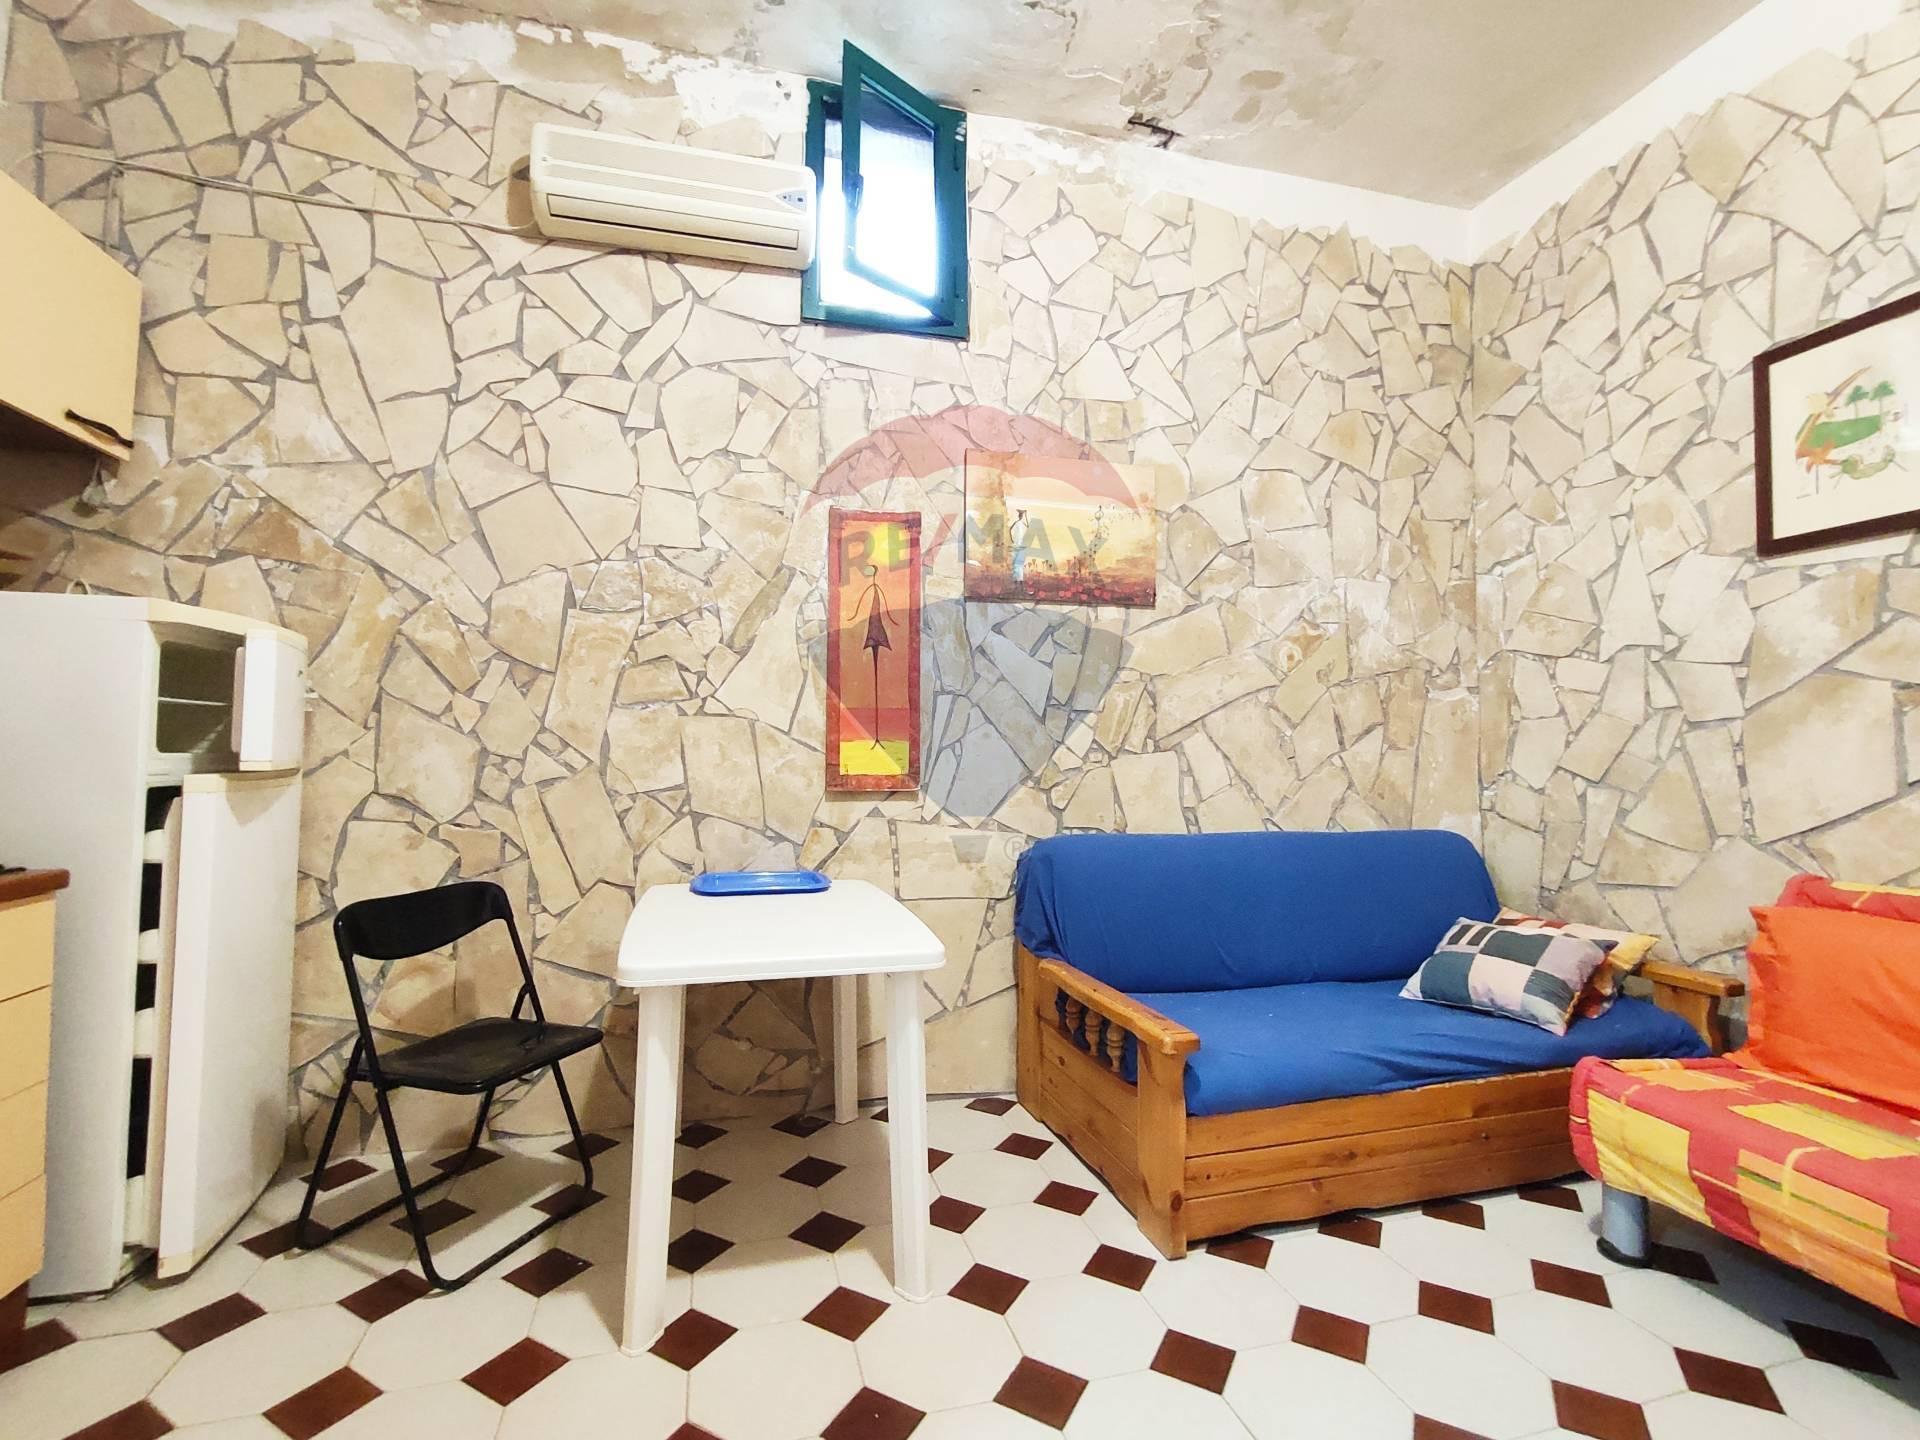 Appartamento in vendita a Giardini-Naxos, 1 locali, zona Località: PietreNere, prezzo € 23.000 | CambioCasa.it